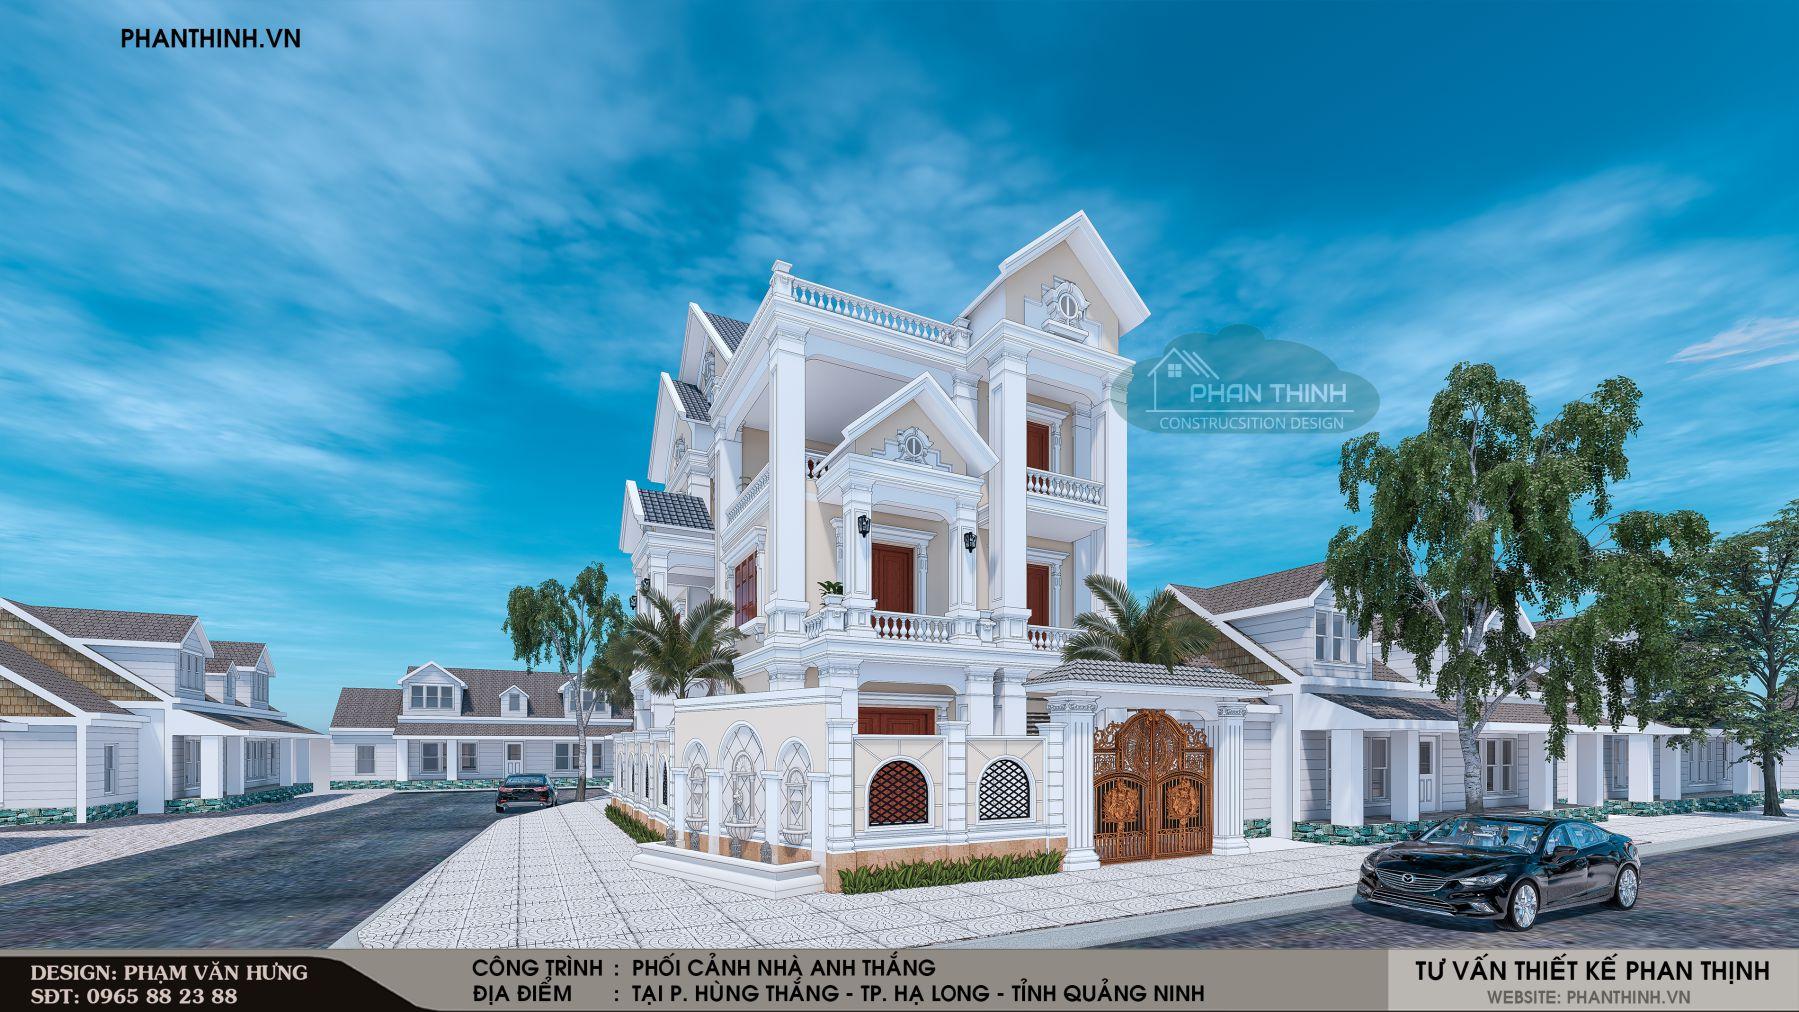 Mặt tiền nhà biệt thự 3 tầng tân cổ điển đẹp năm 2019 tại Quảng Ninh